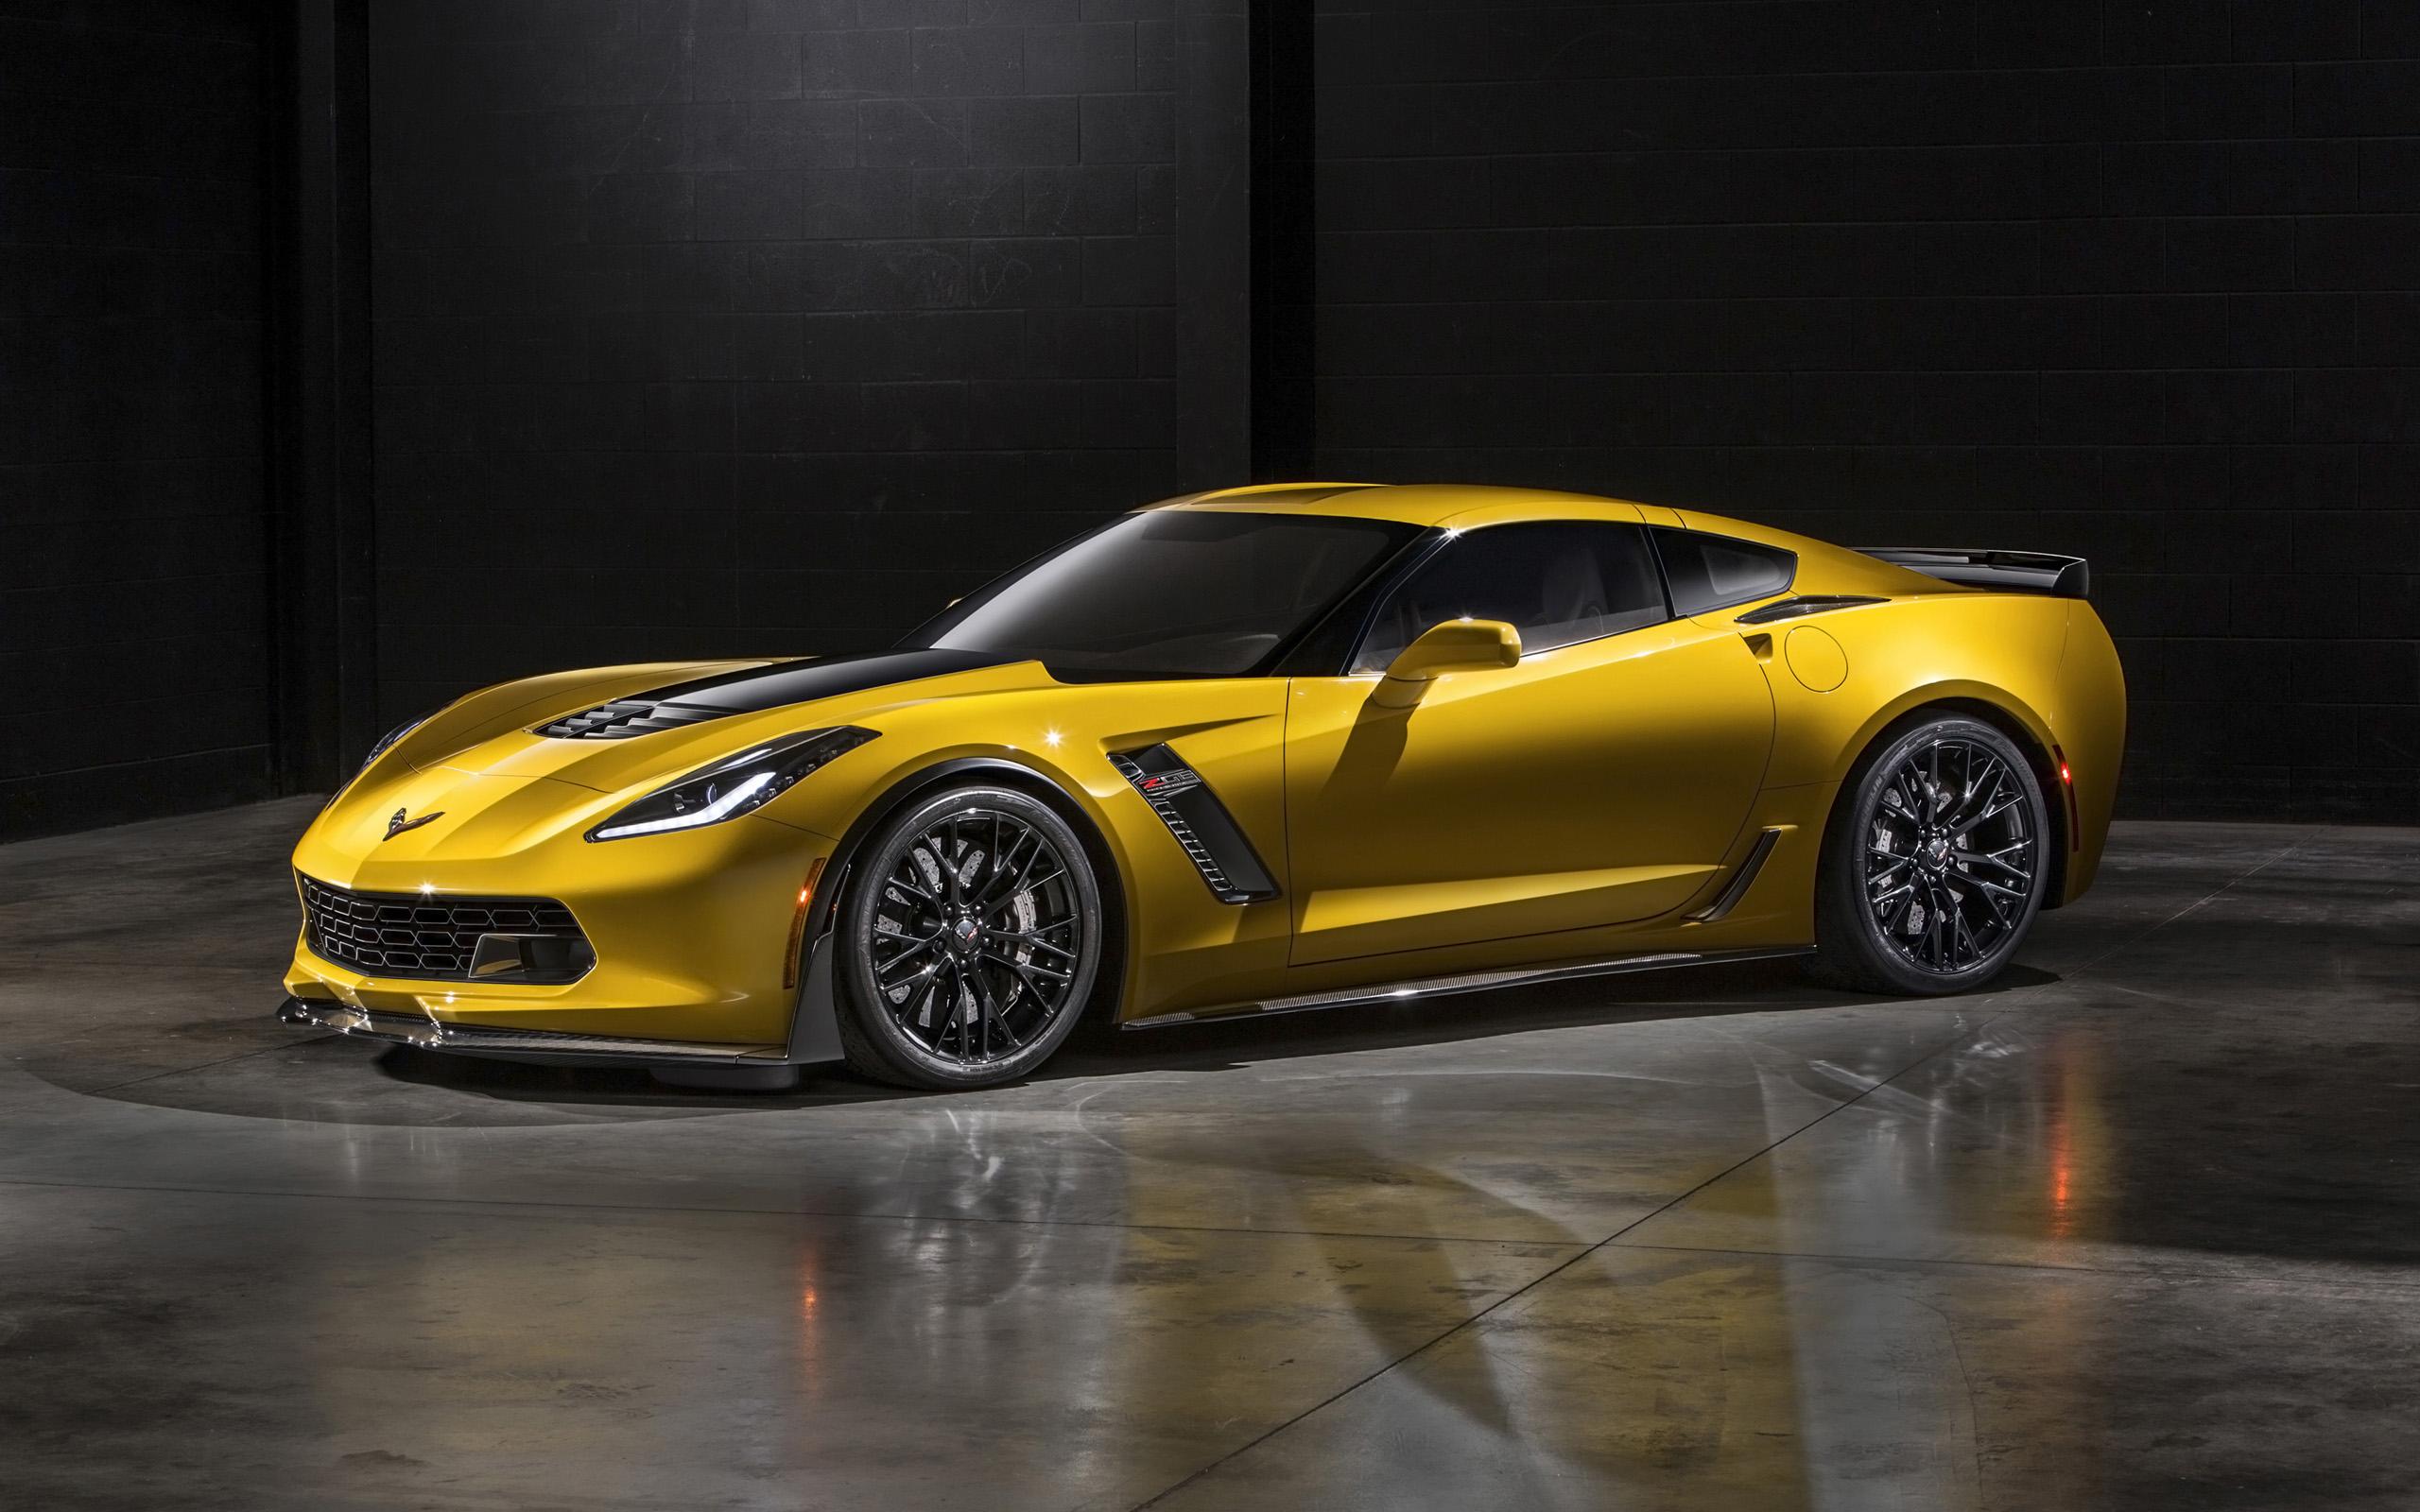 Chevrolet Corvette Stingray Hd Wallpaper